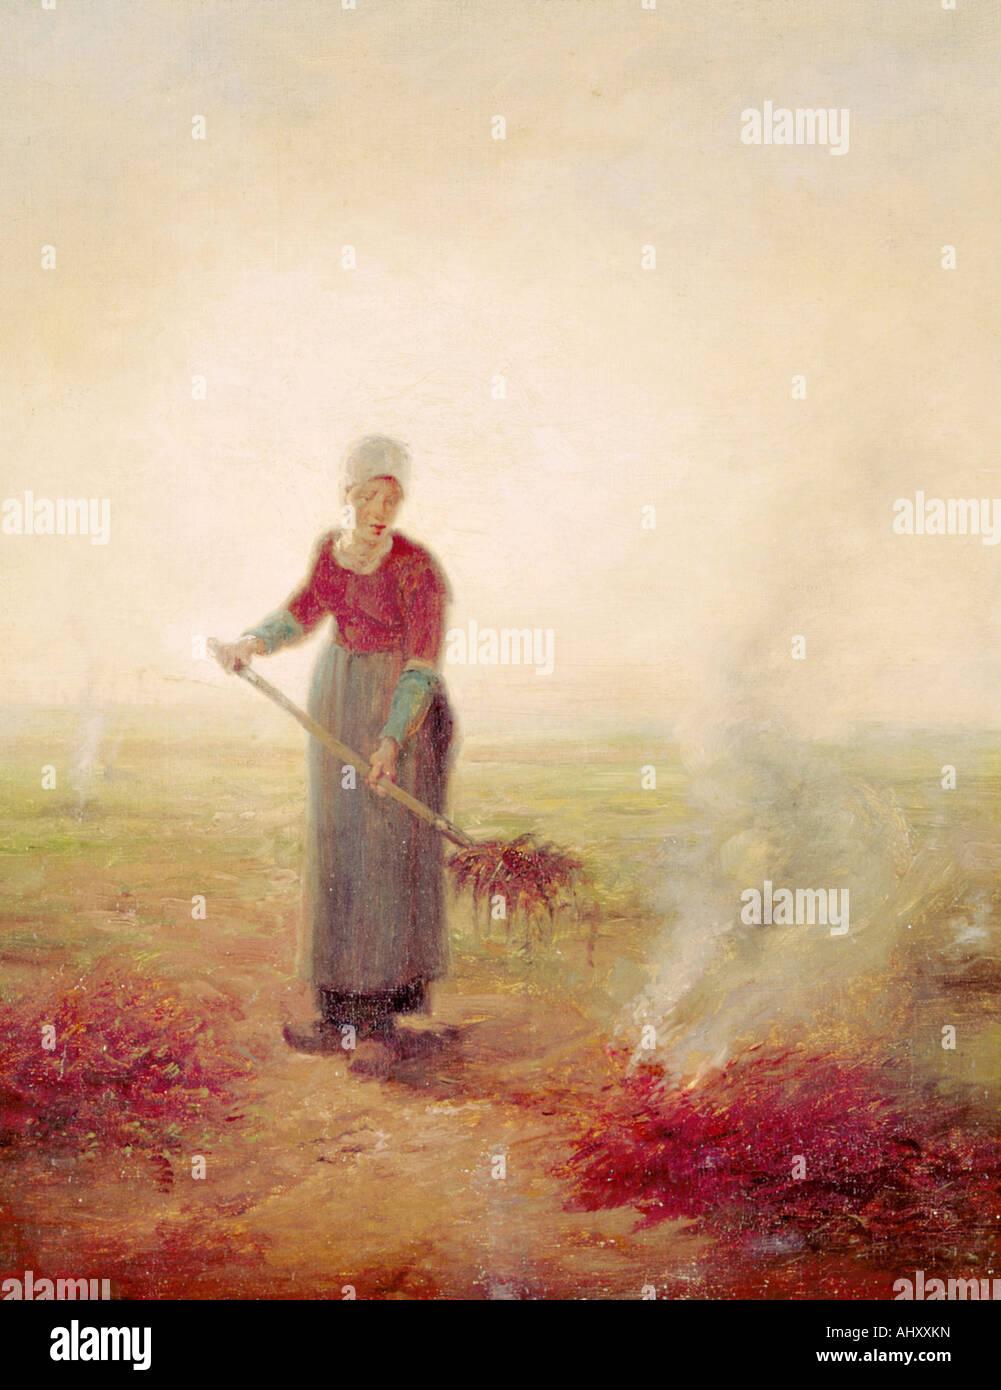 Belle arti, miglio, Jean-Francois (1814 - 1875), pittura, giovani farmgirl, Musée d'art et d' histoire, Ginevra, Foto Stock